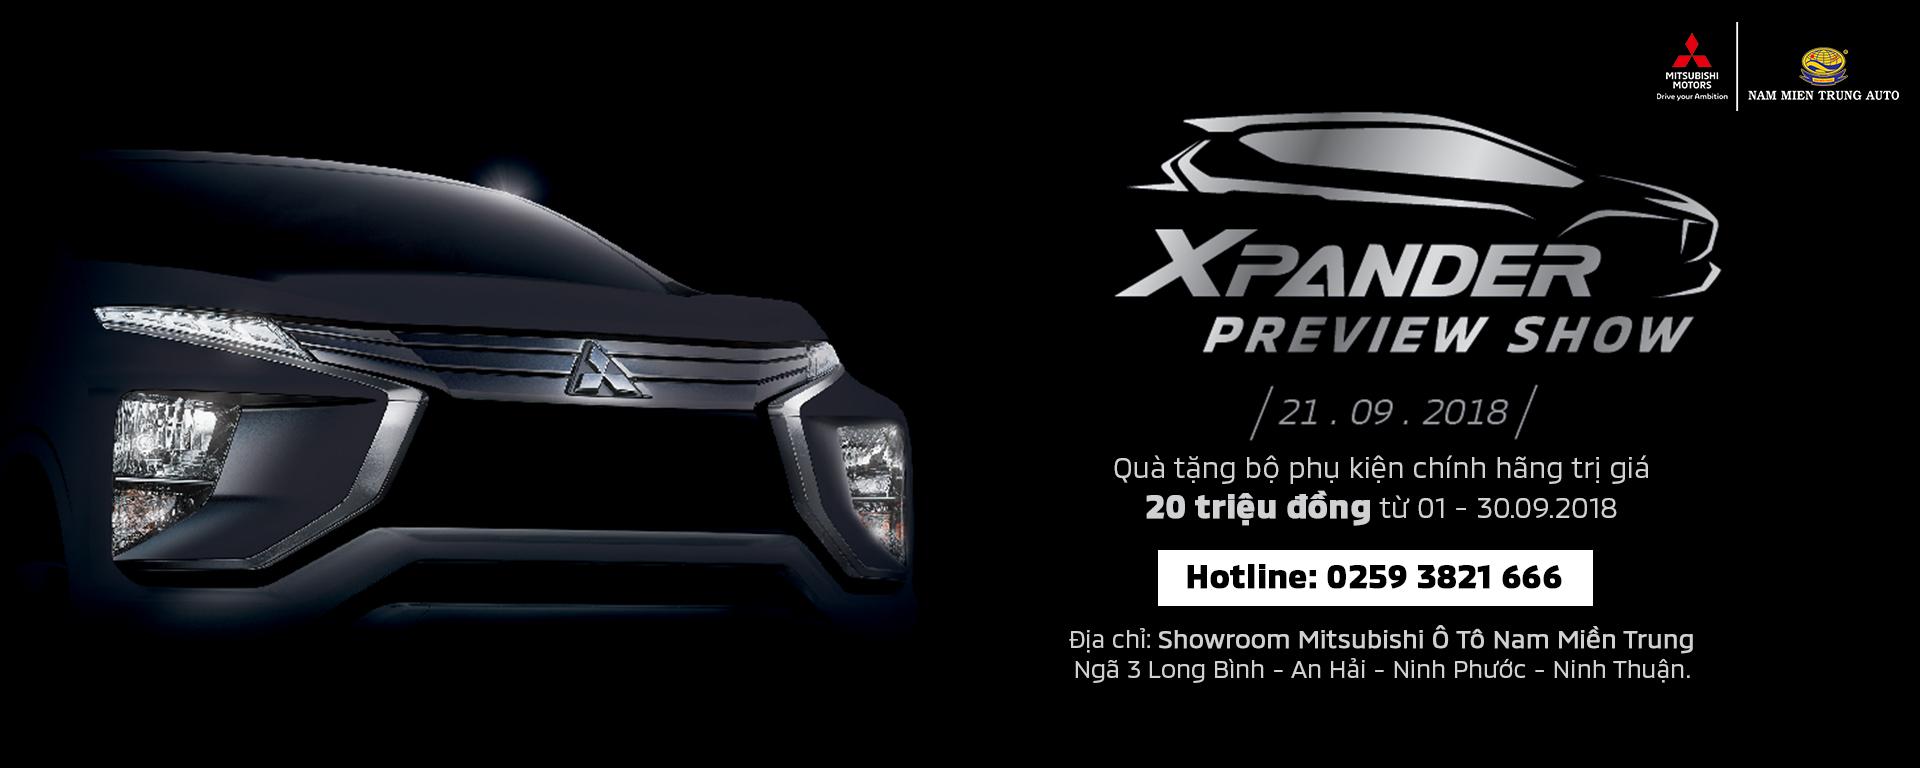 Mitsubishi Xpander Nam Miền Trung Review Show - Trưng bày 21.08.2018